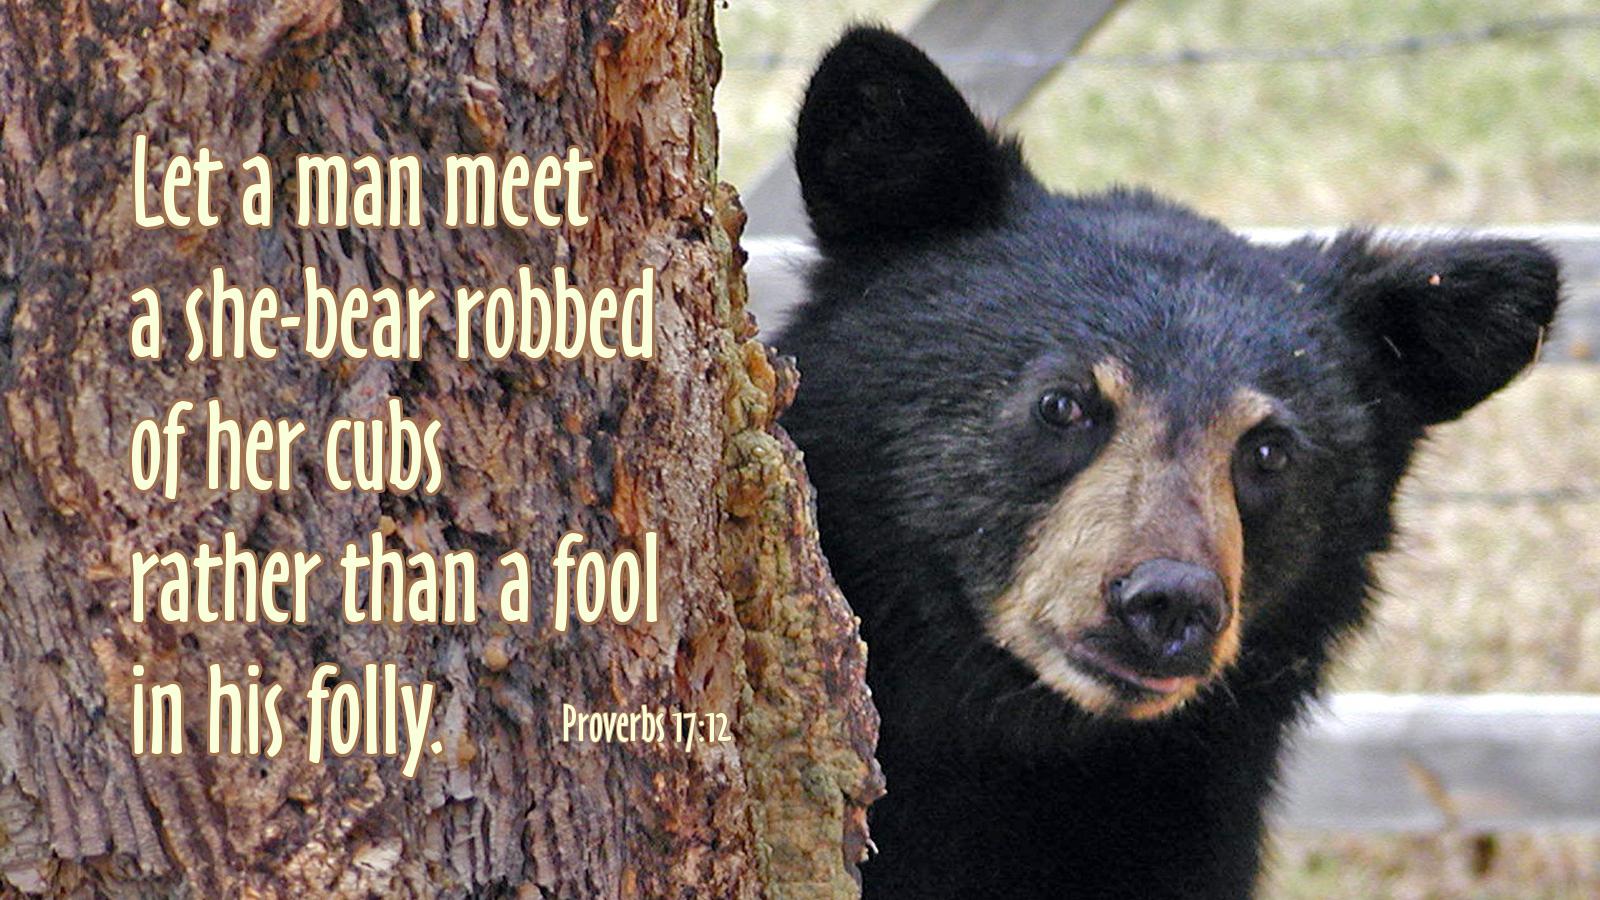 proverbs17-12